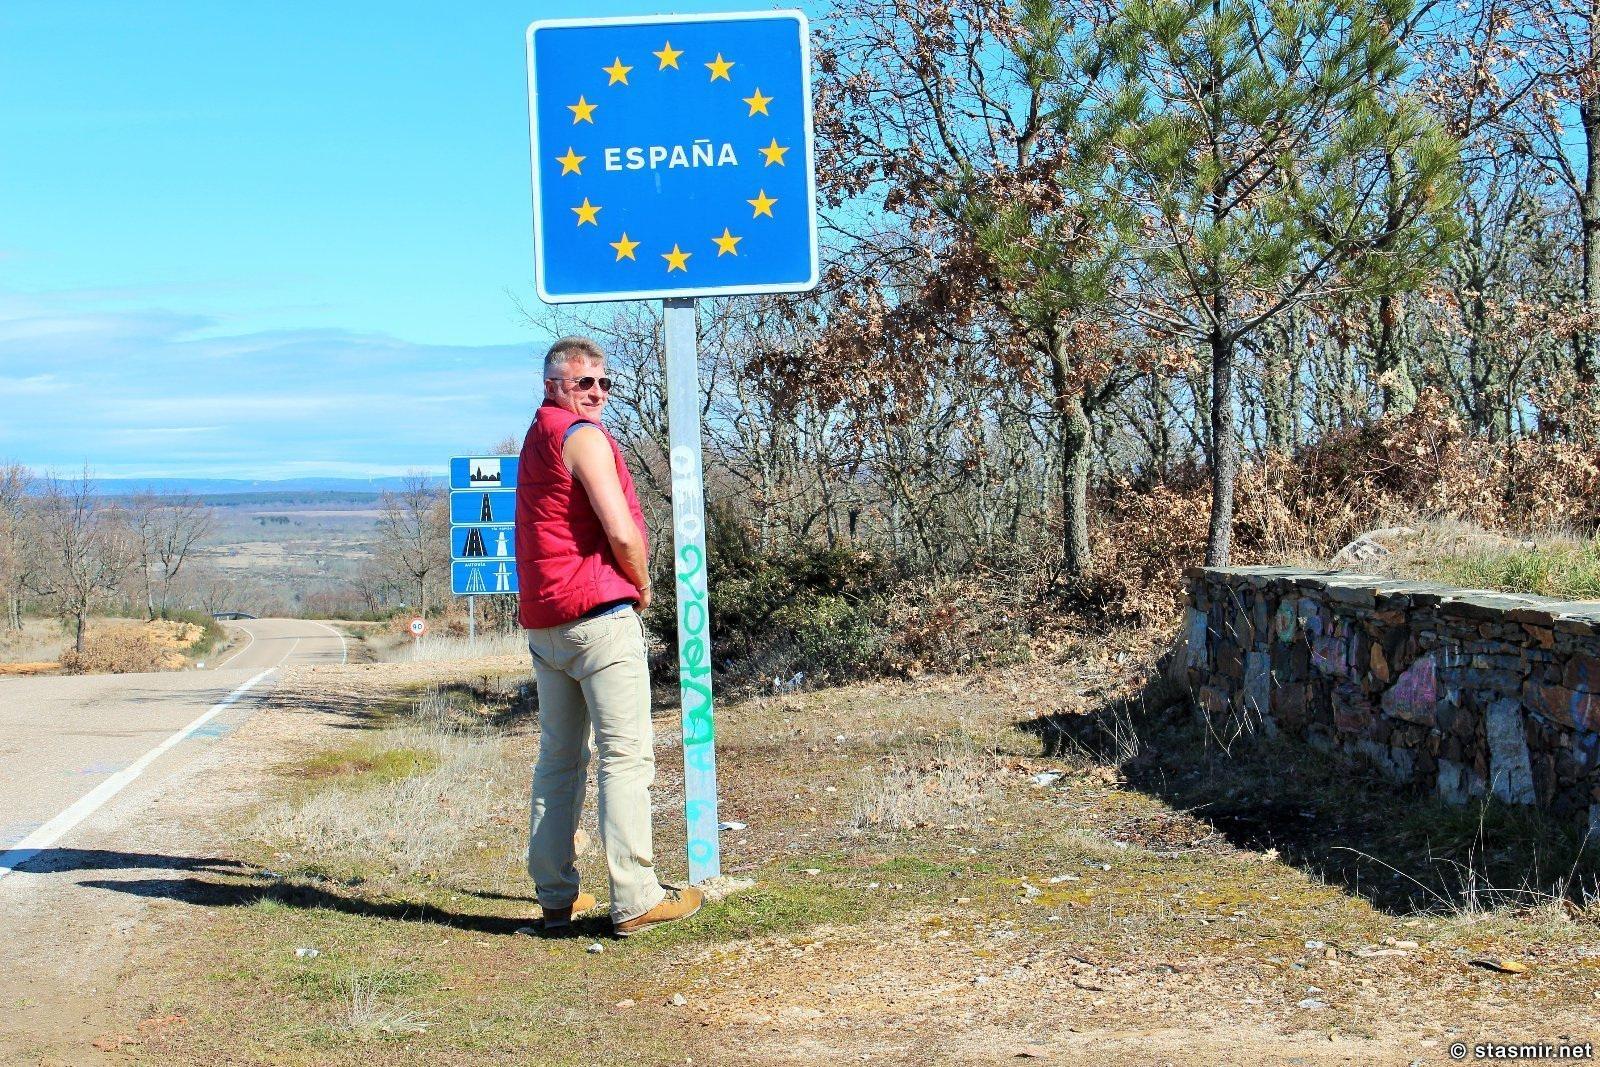 Граница Португалии и Испании, флаг Евросоюза, Photo Stasmir, фото Стасмир